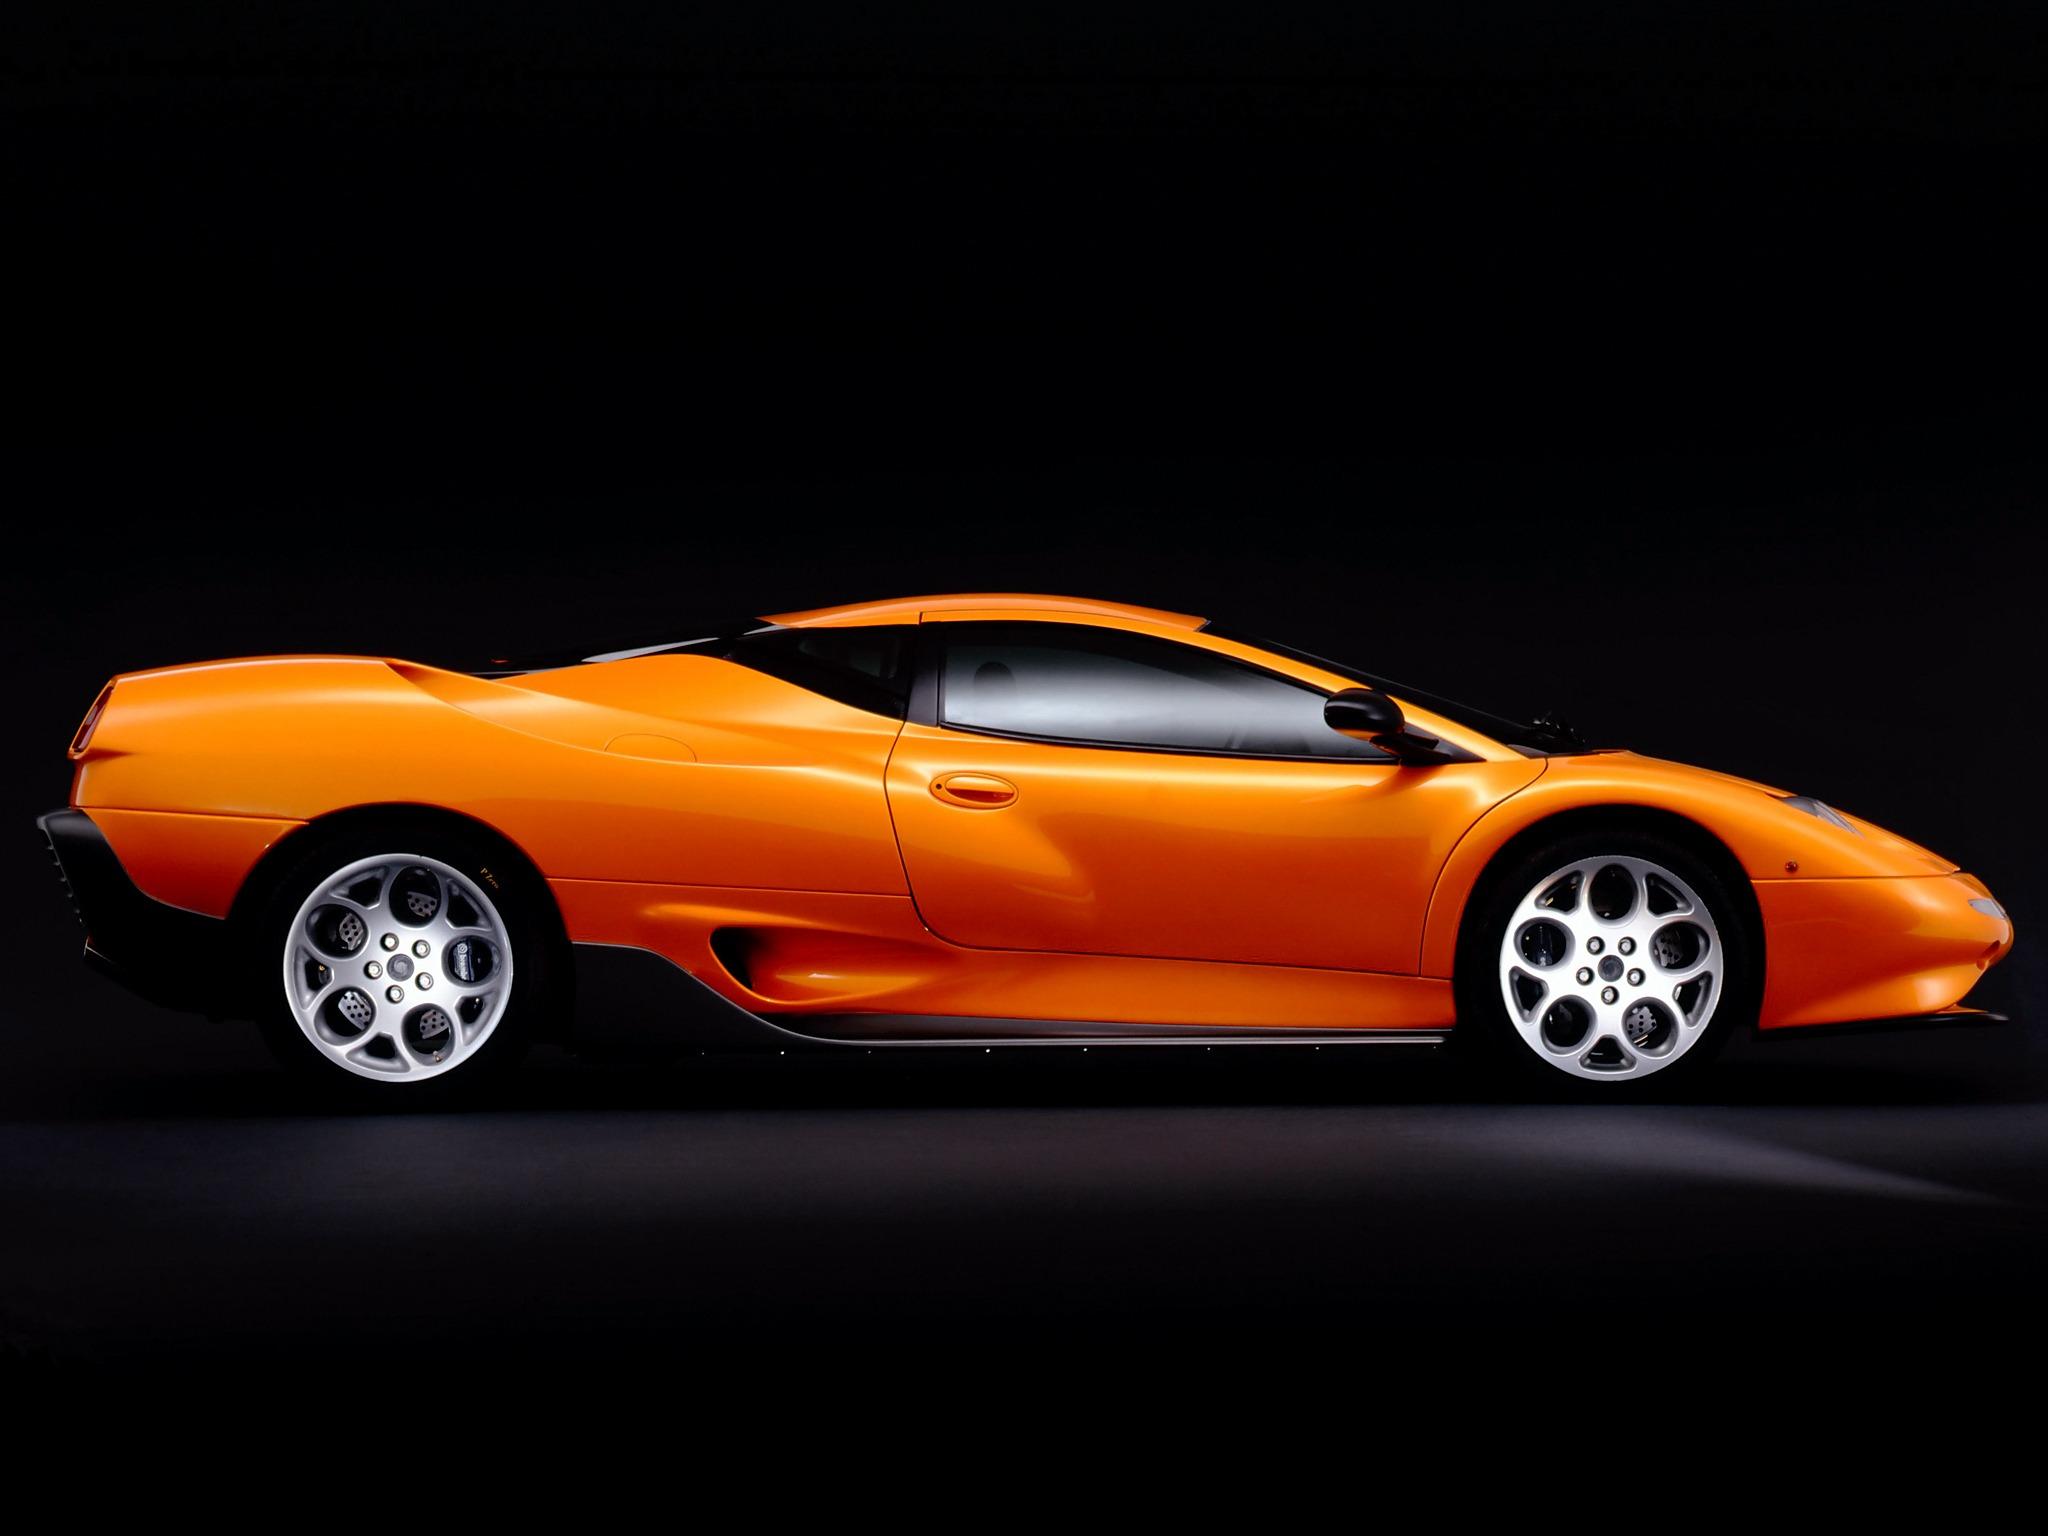 Lamborghini L147 Canto 1999 Old Concept Cars